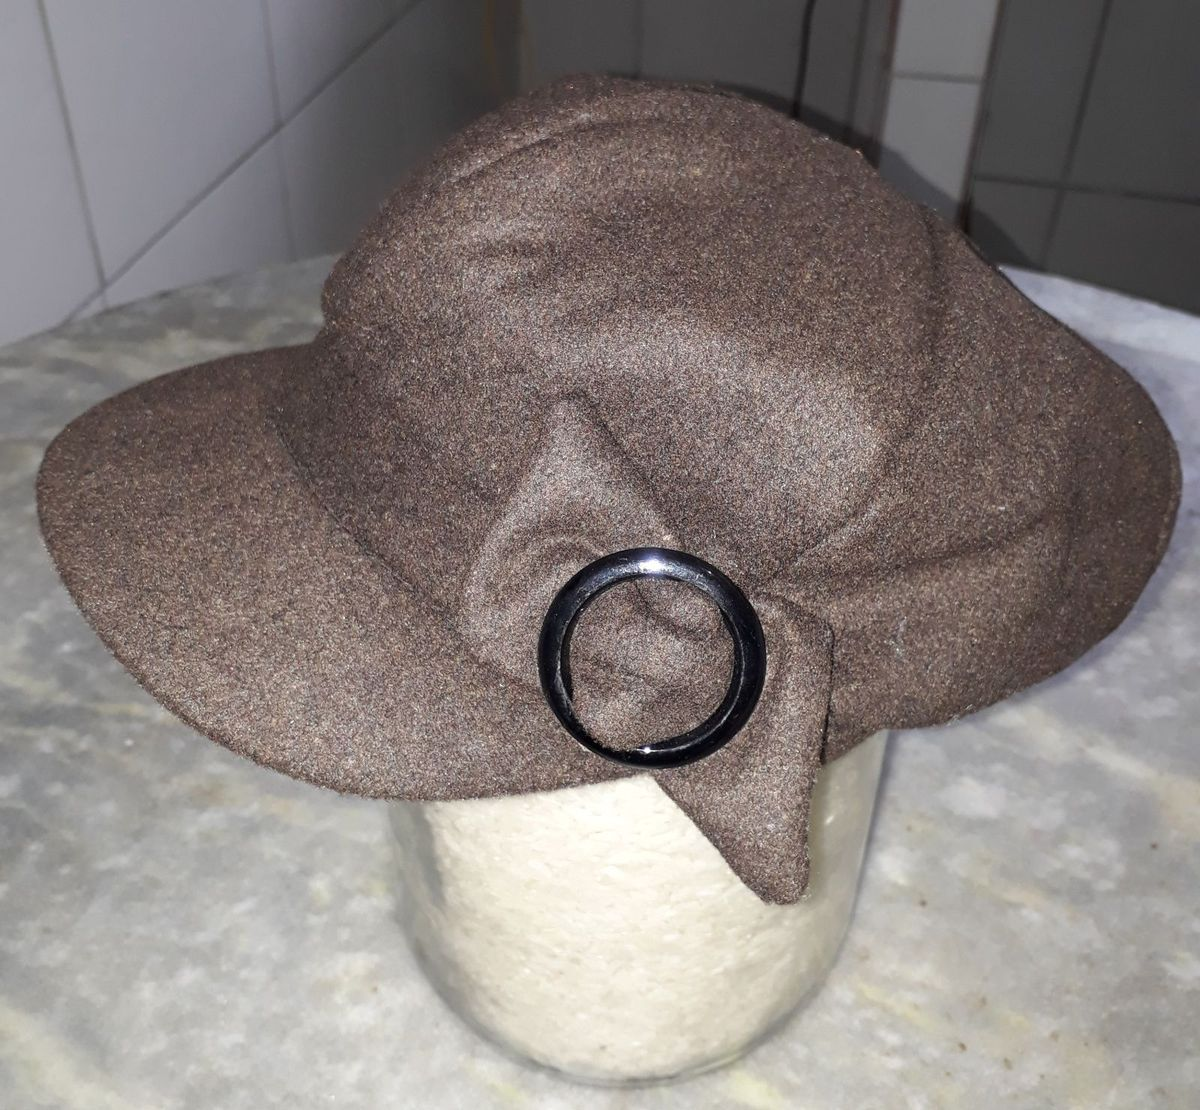 boina burguesinha marrom - chapeu made-in-china.  Czm6ly9wag90b3muzw5qb2vplmnvbs5ici9wcm9kdwn0cy82odewndg2lzkzmmexzjkwy2vky2uyymrlodmxzdu1nzkwodu2zty5lmpwzw  ... 97525721f8d